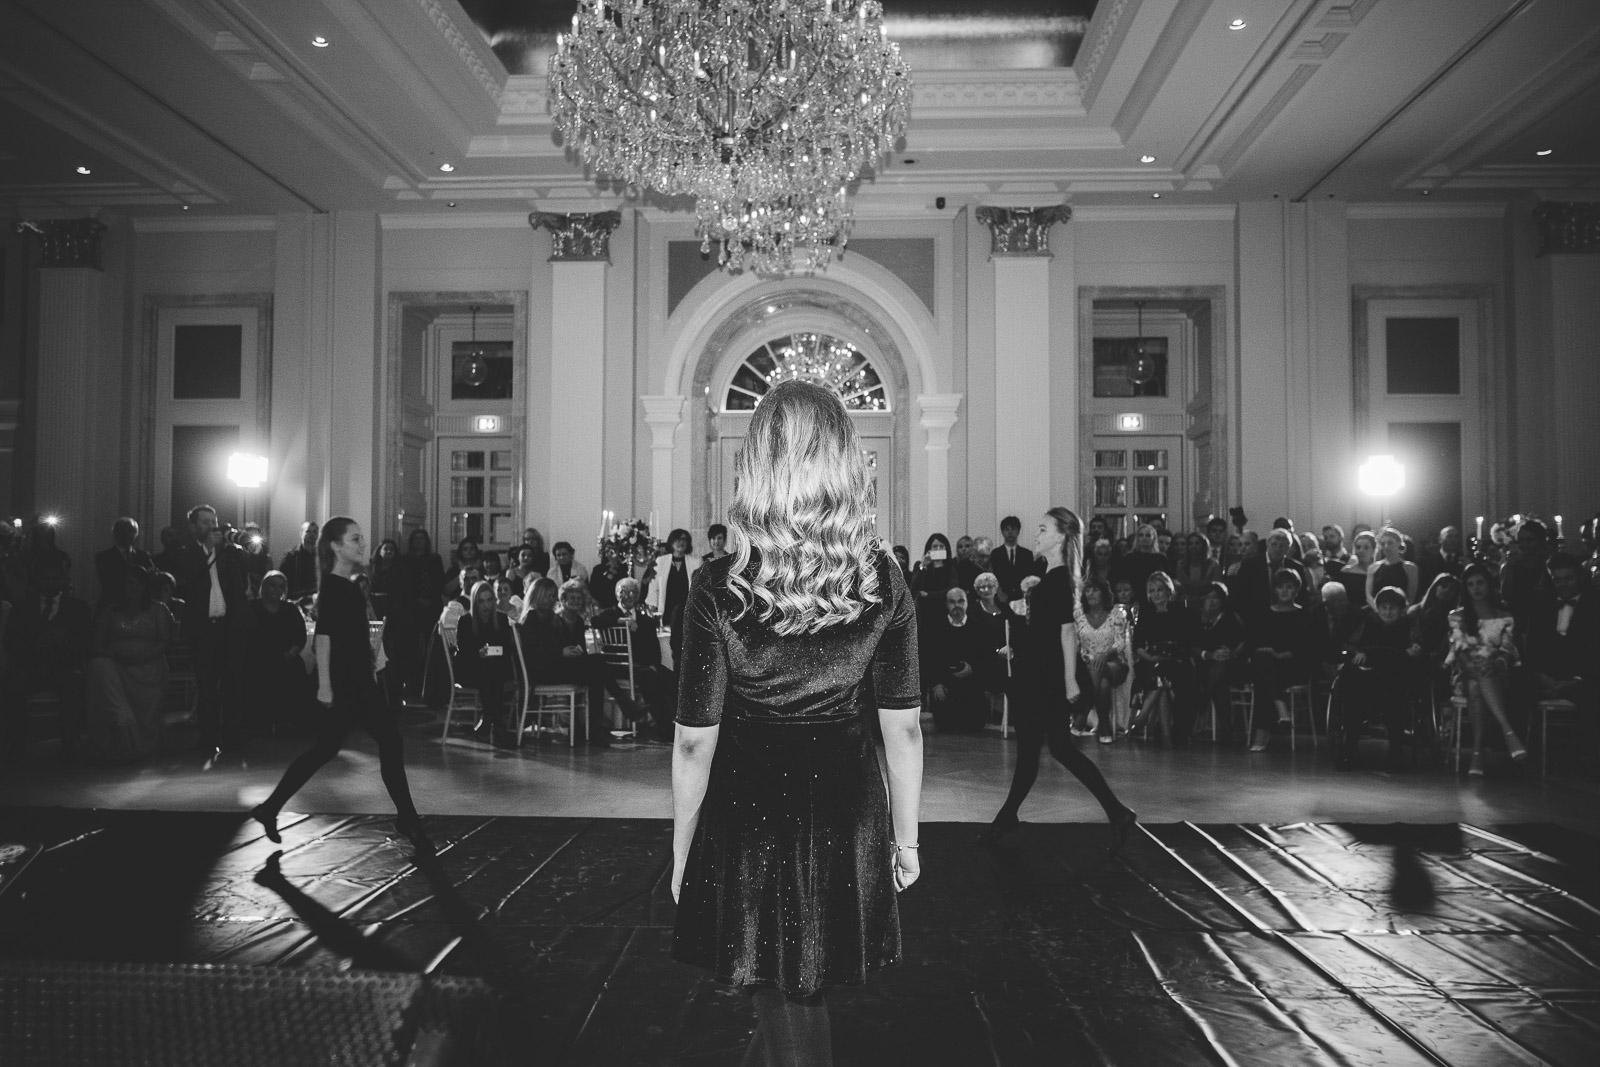 Adare_Manor_Wedding_Photos-146